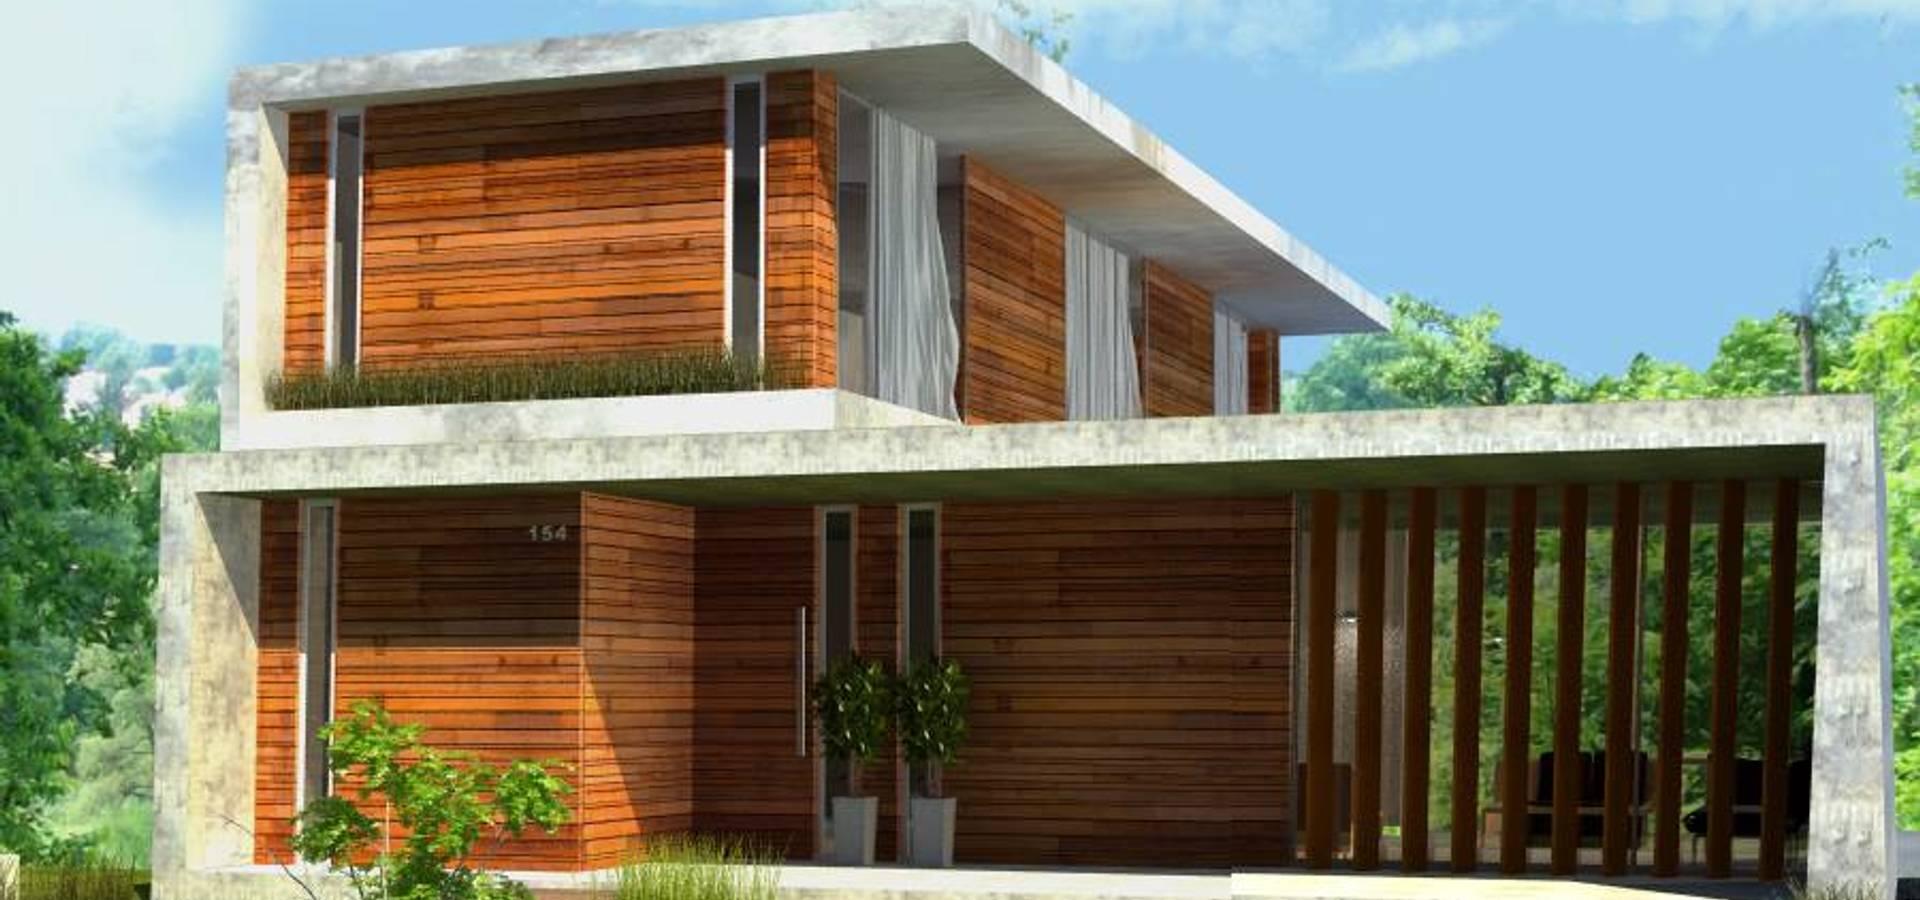 Arq Magdalena Saravia – Estudio de Arquitectura Sustentable -